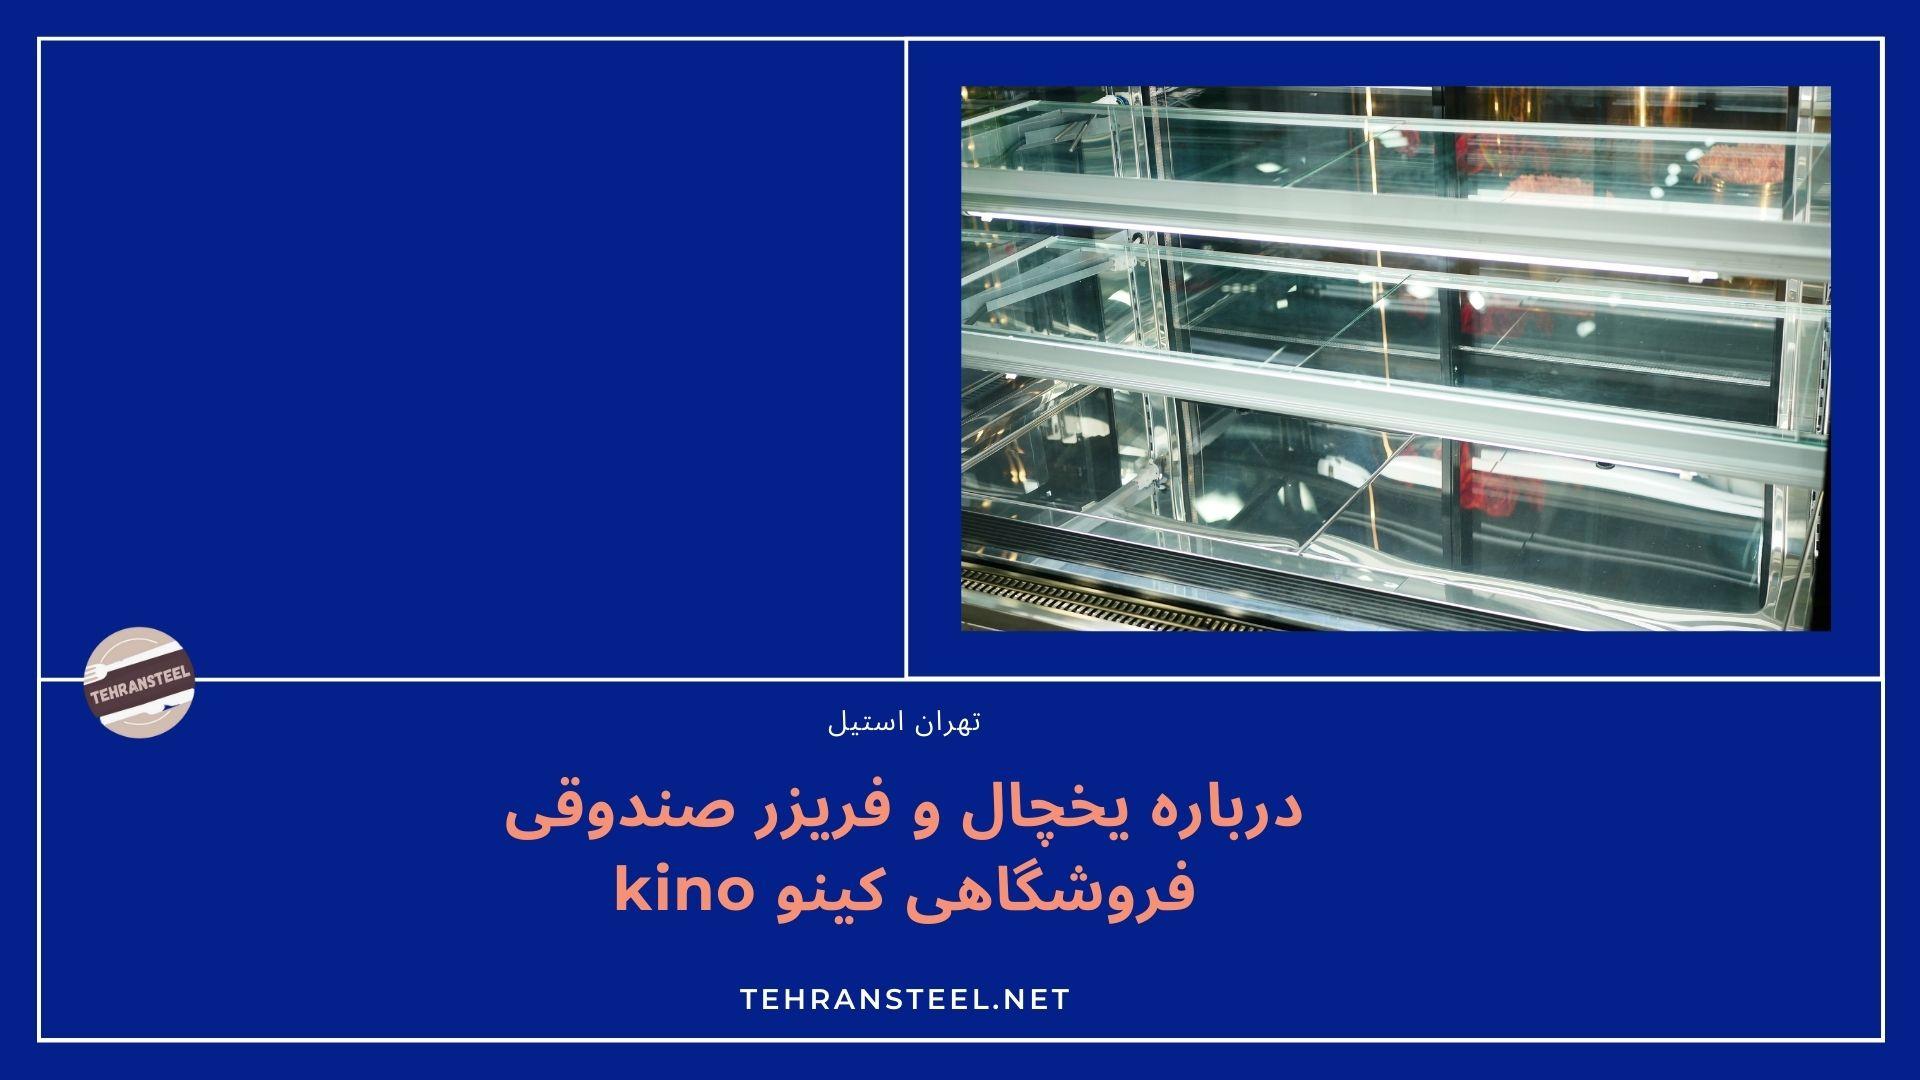 درباره یخچال و فریزر صندوقی فروشگاهی کینو kino